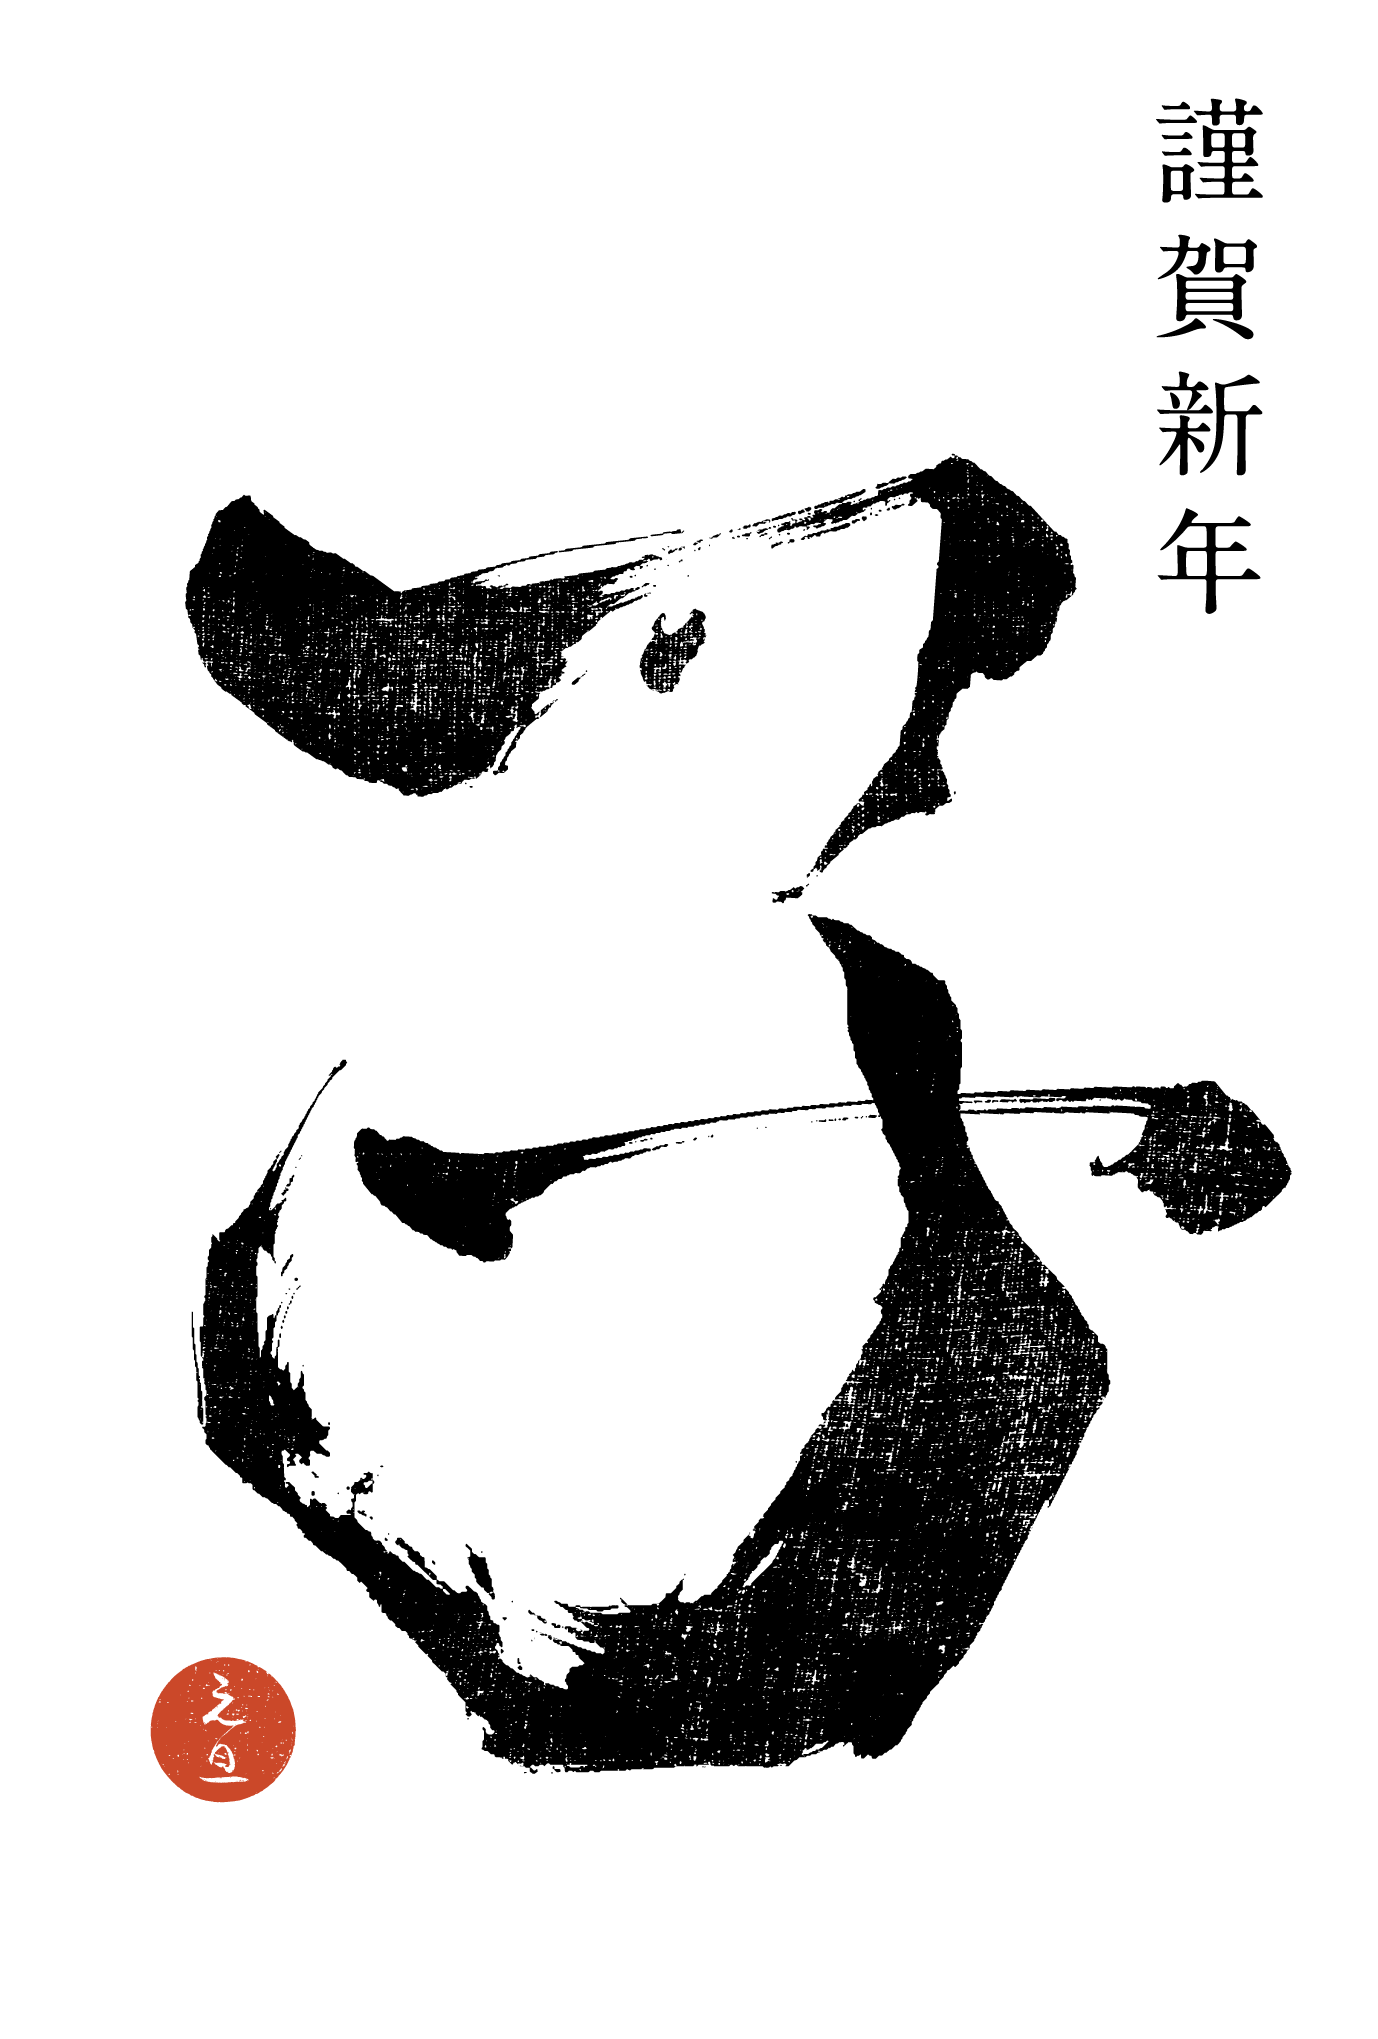 2020年賀状08-1:子 Calligraphy(謹賀新年)縦のダウンロード画像